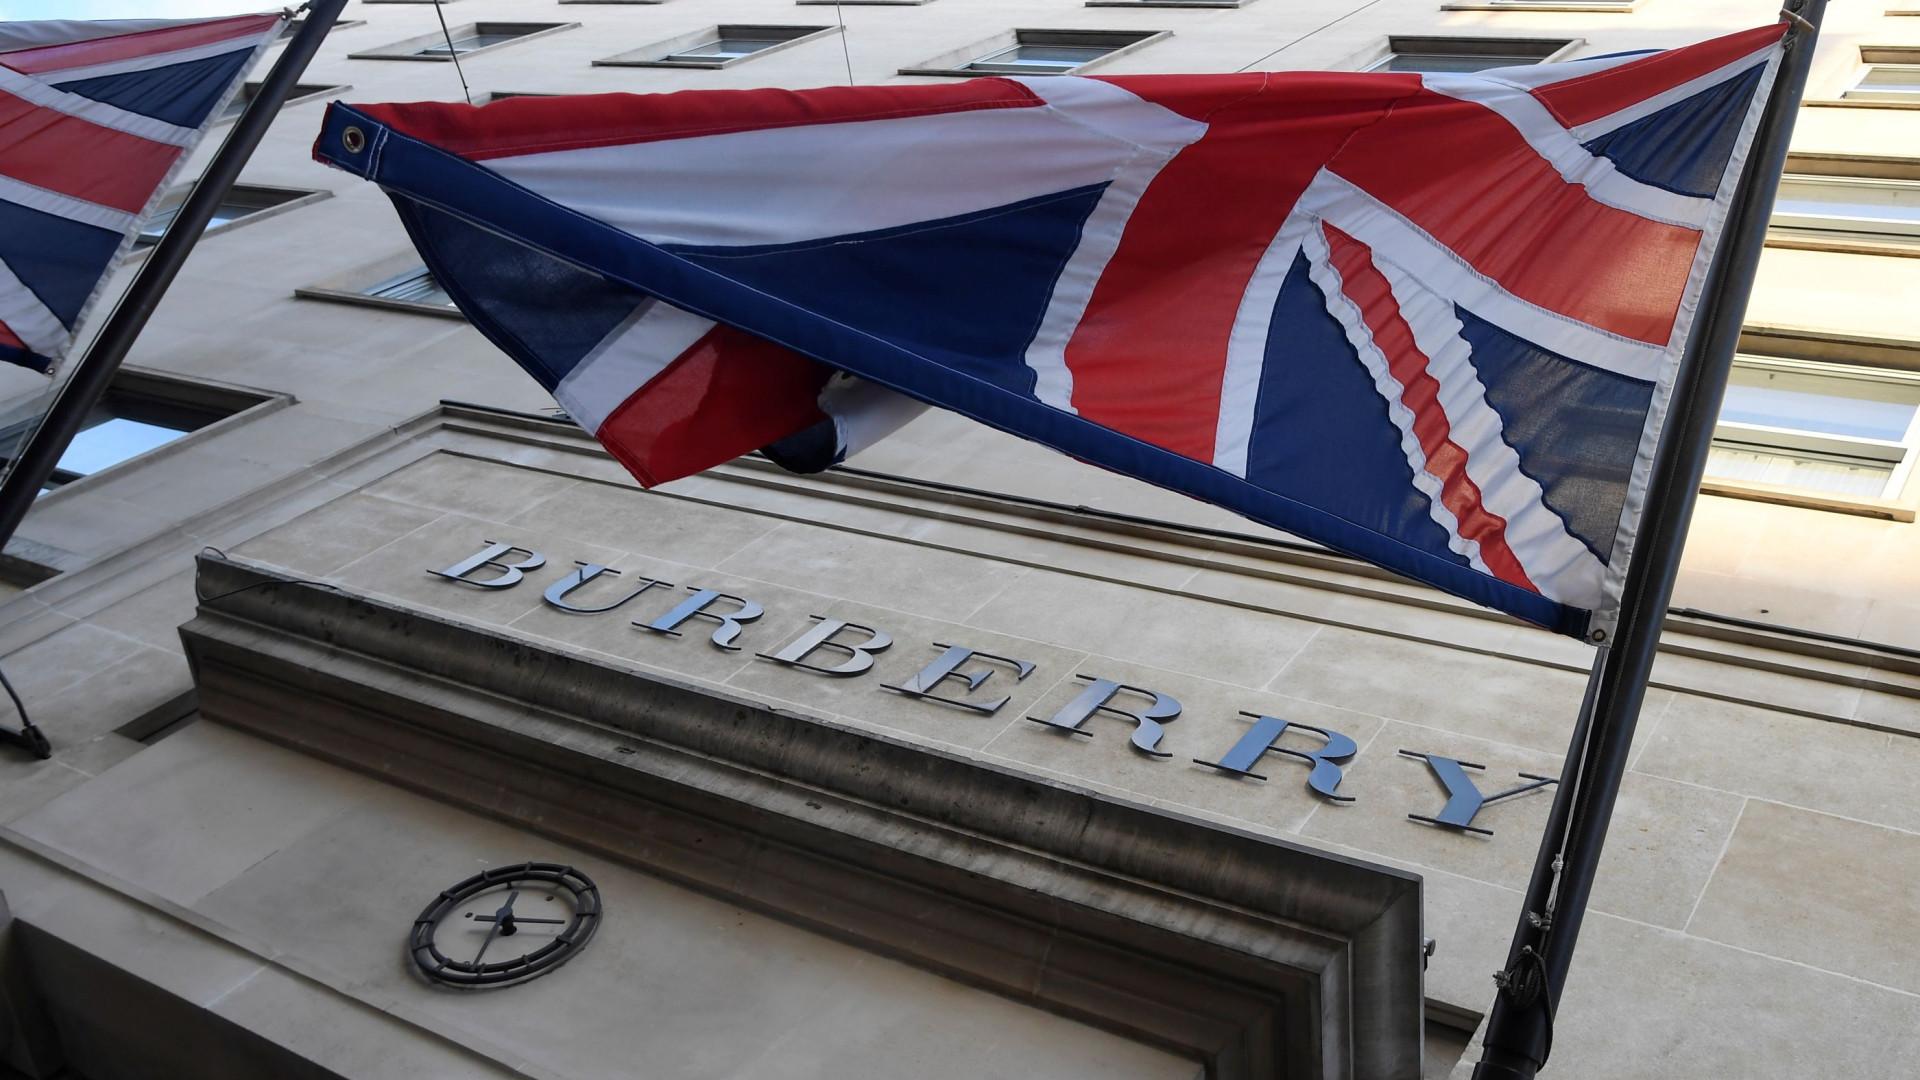 Lucro da Burberry cresce 4,5% no último exercício para 471 milhões